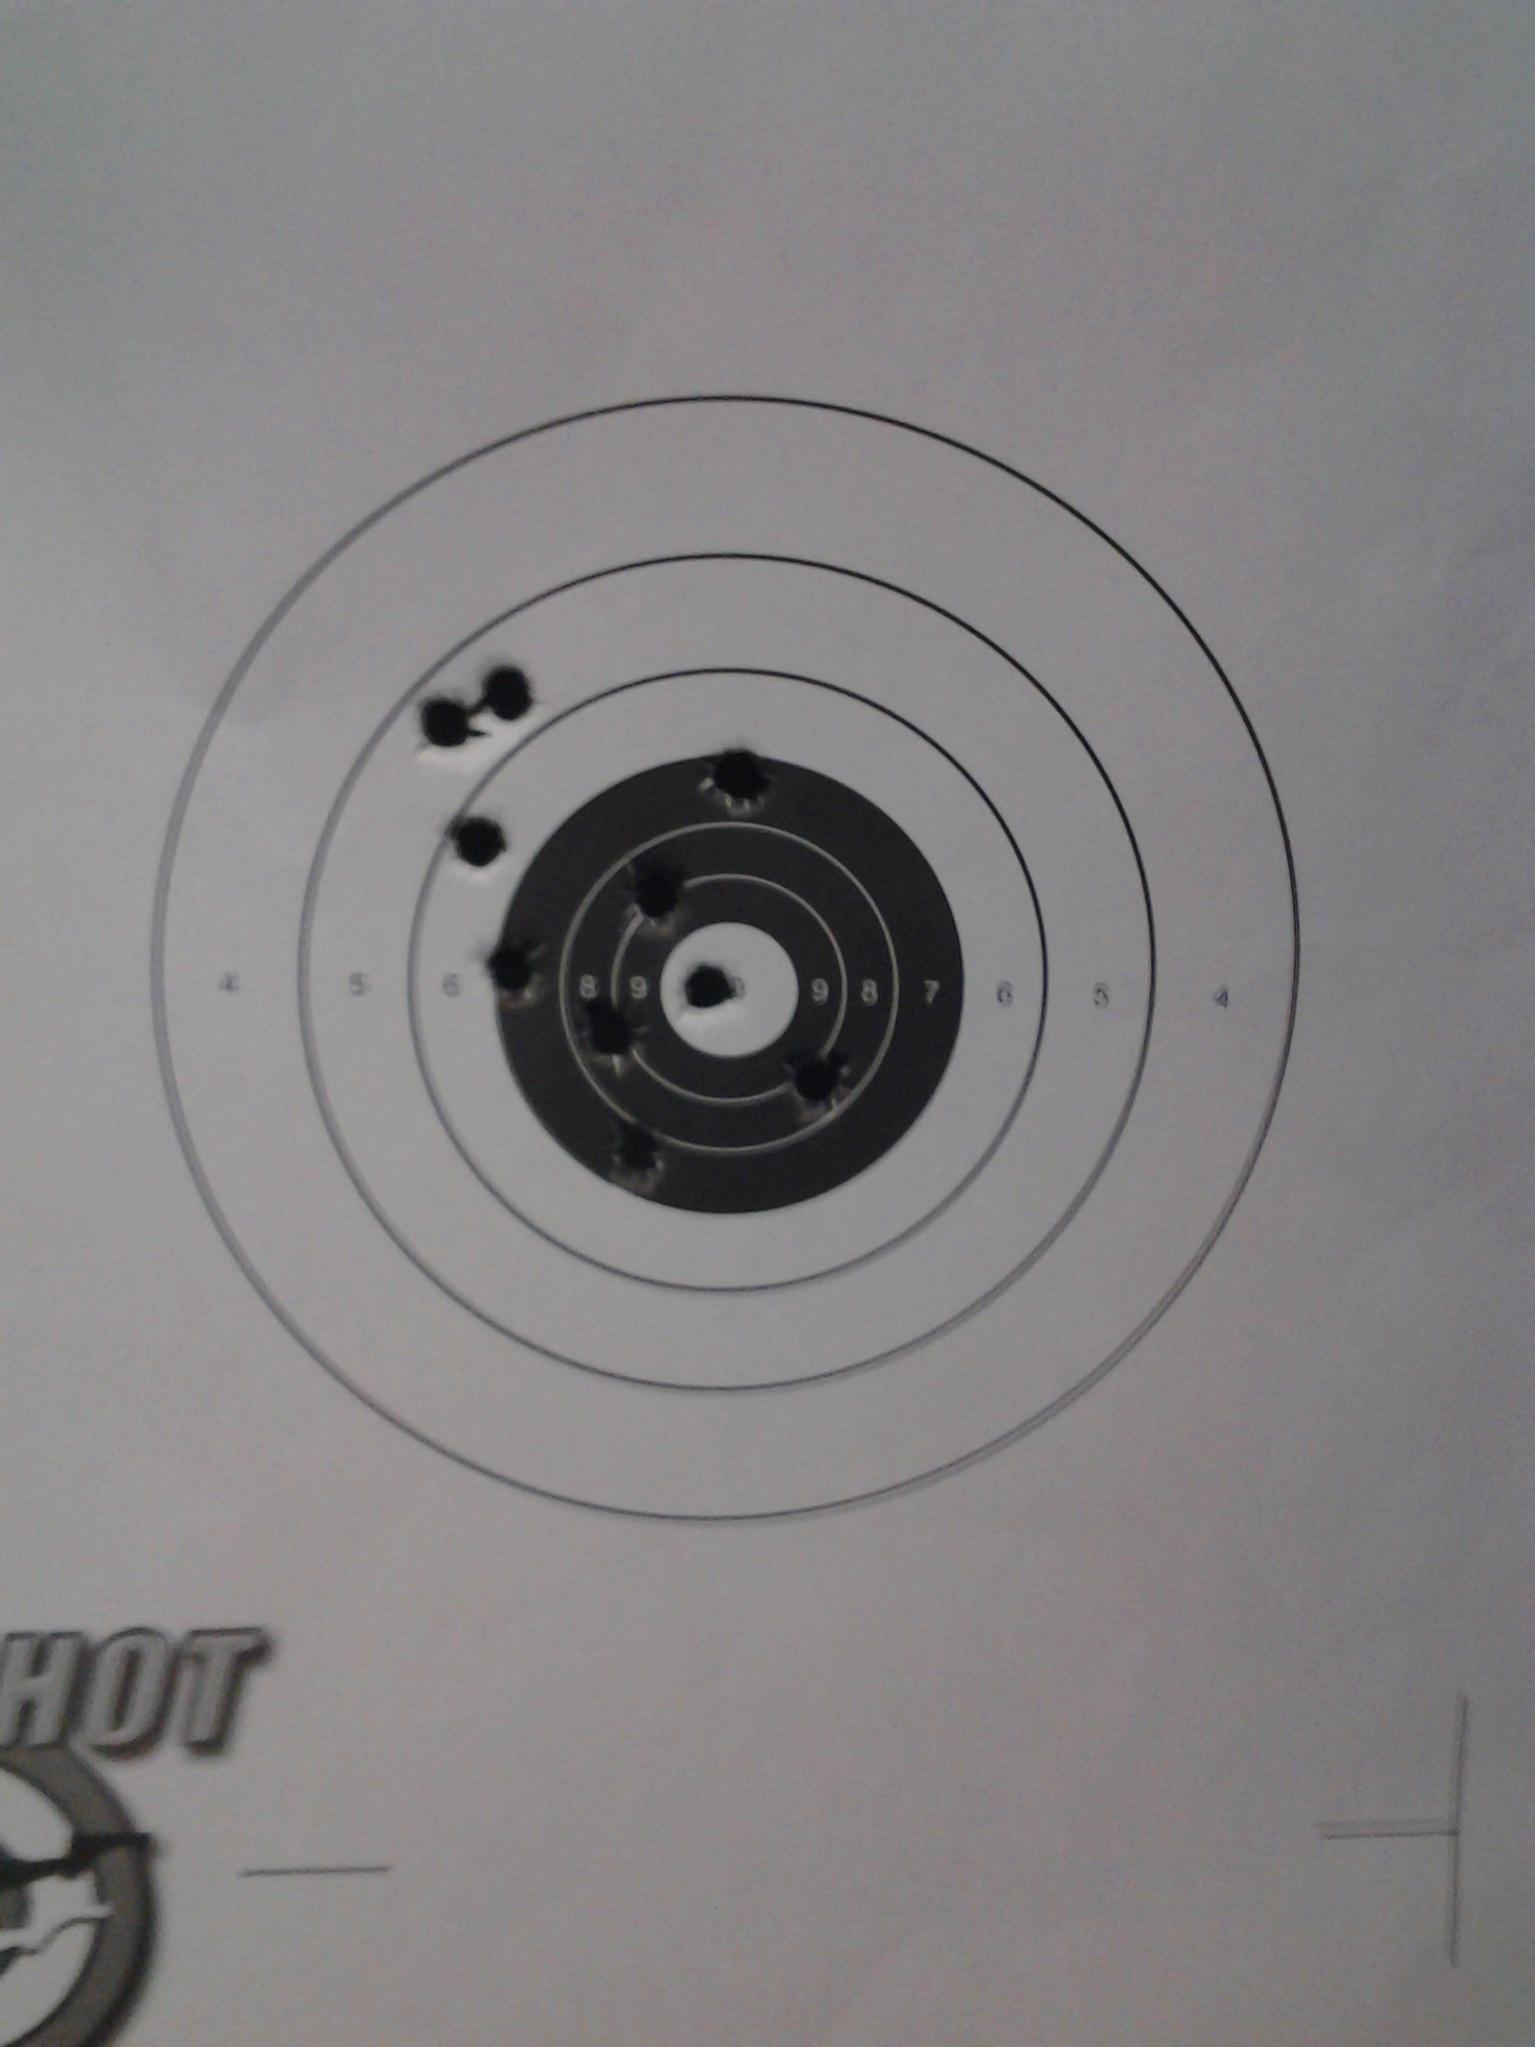 Glock 27 at the range-10rds-g27-25ft.jpg